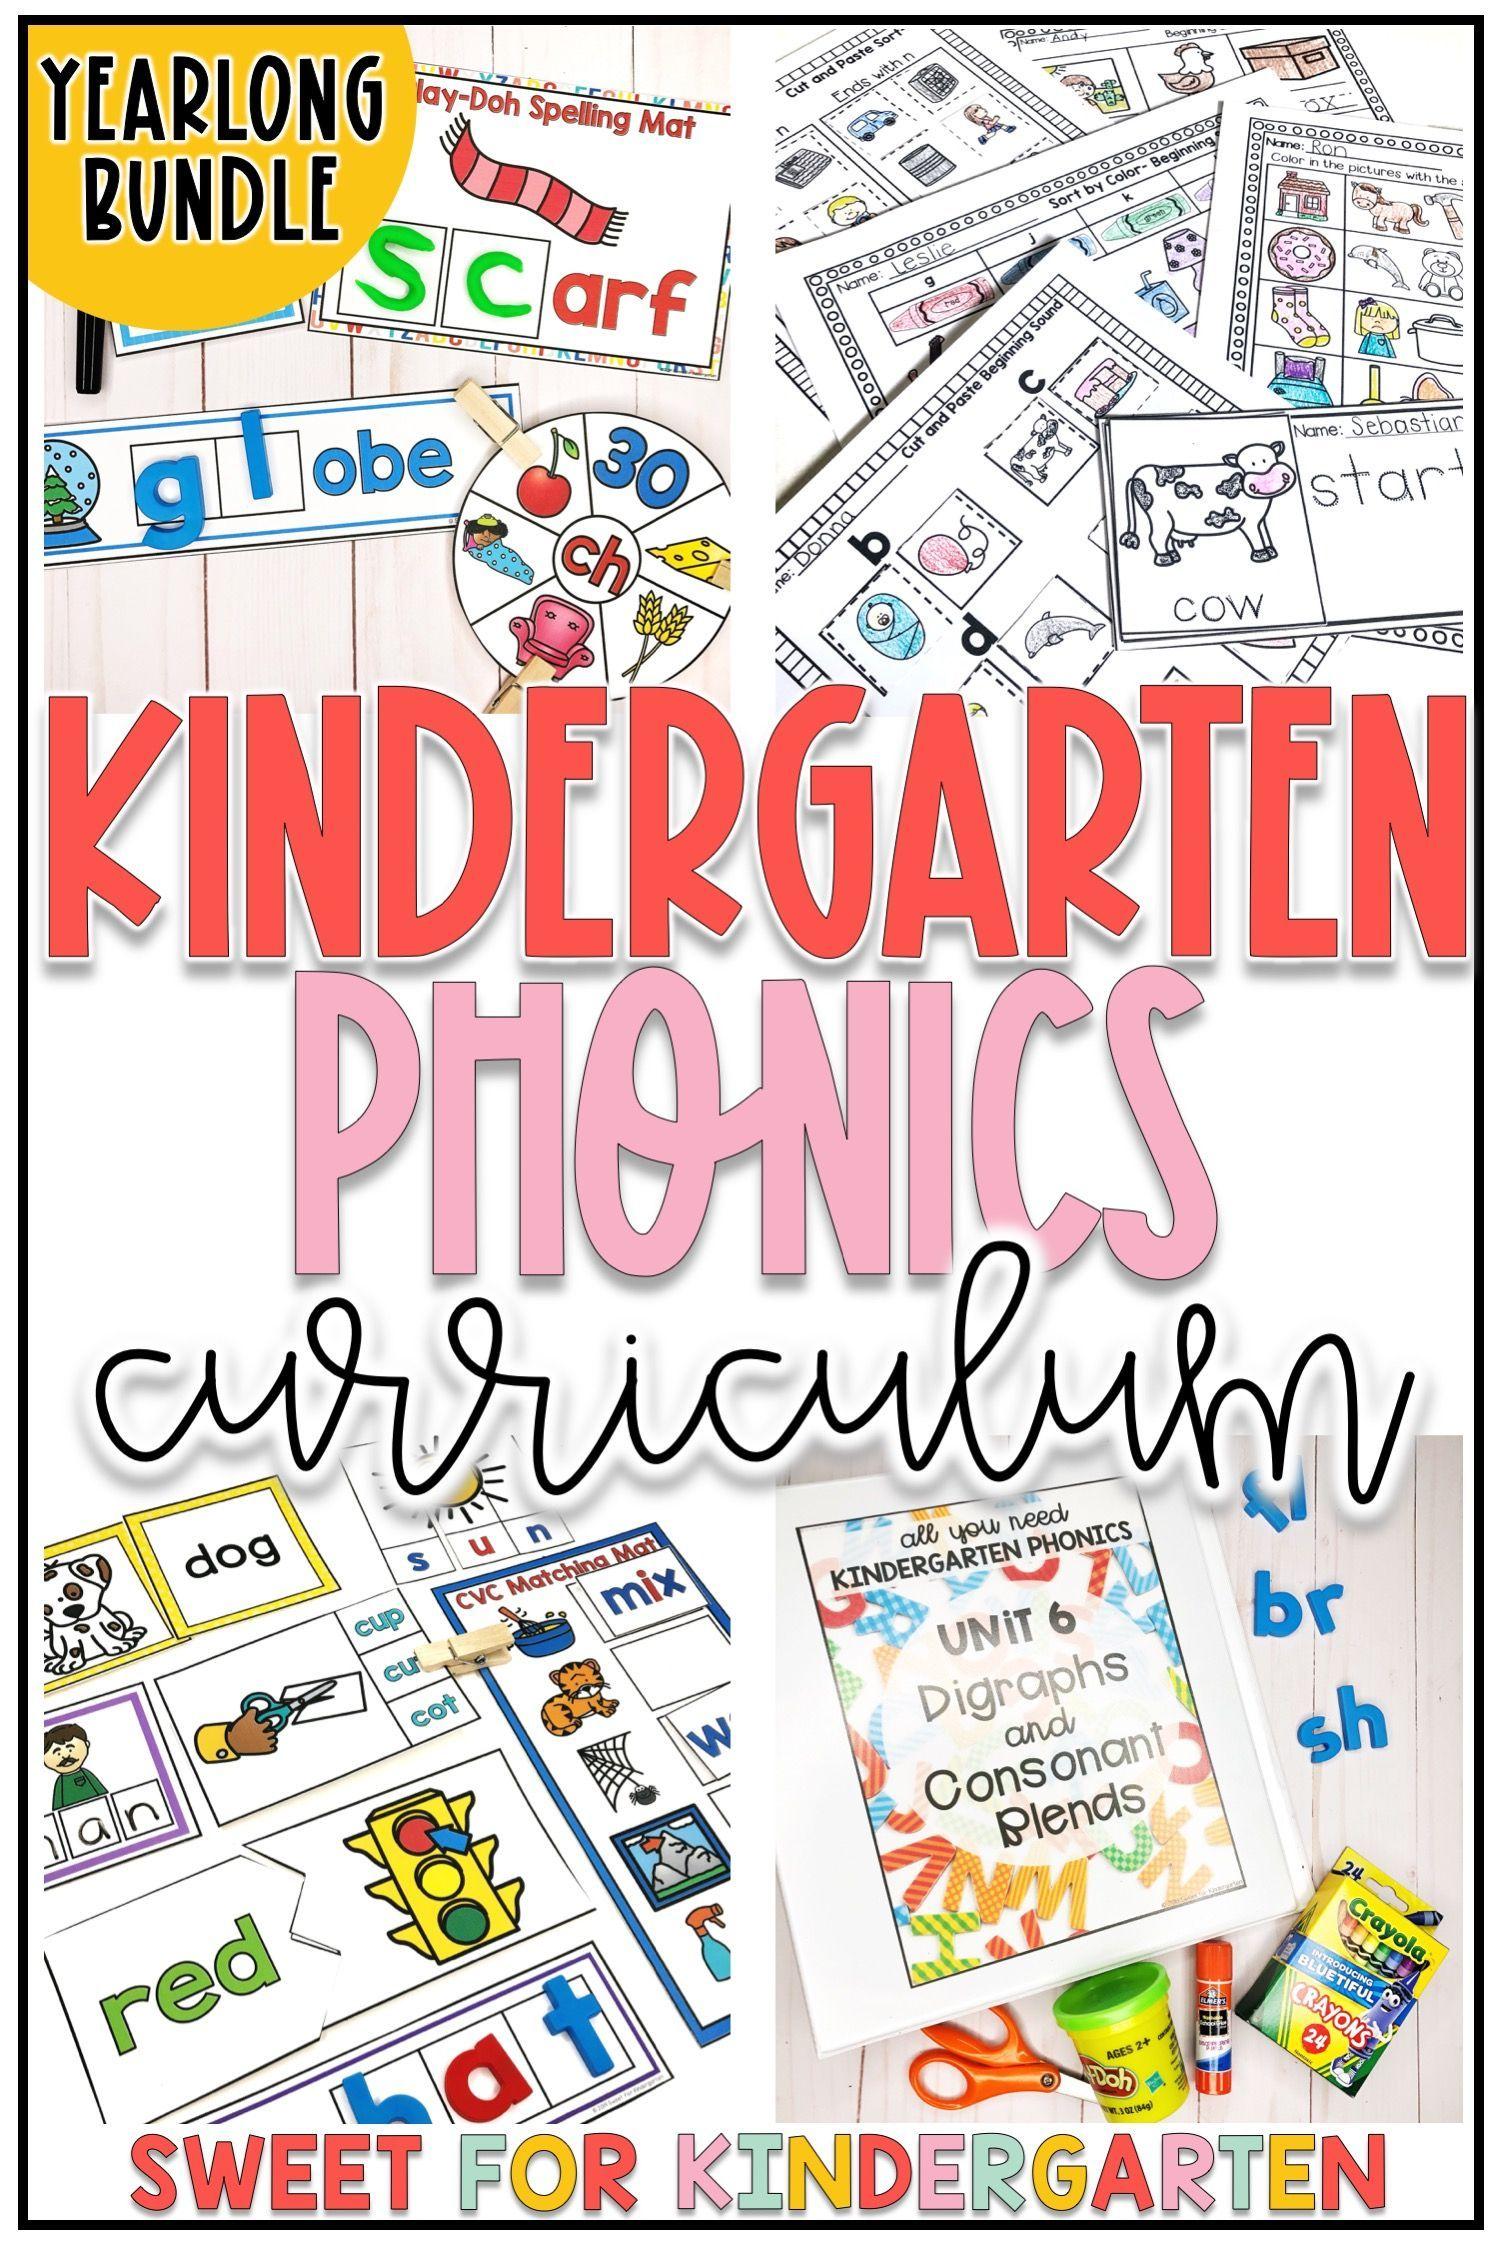 Kindergarten Phonics Curriculum Yearlong Bundle In